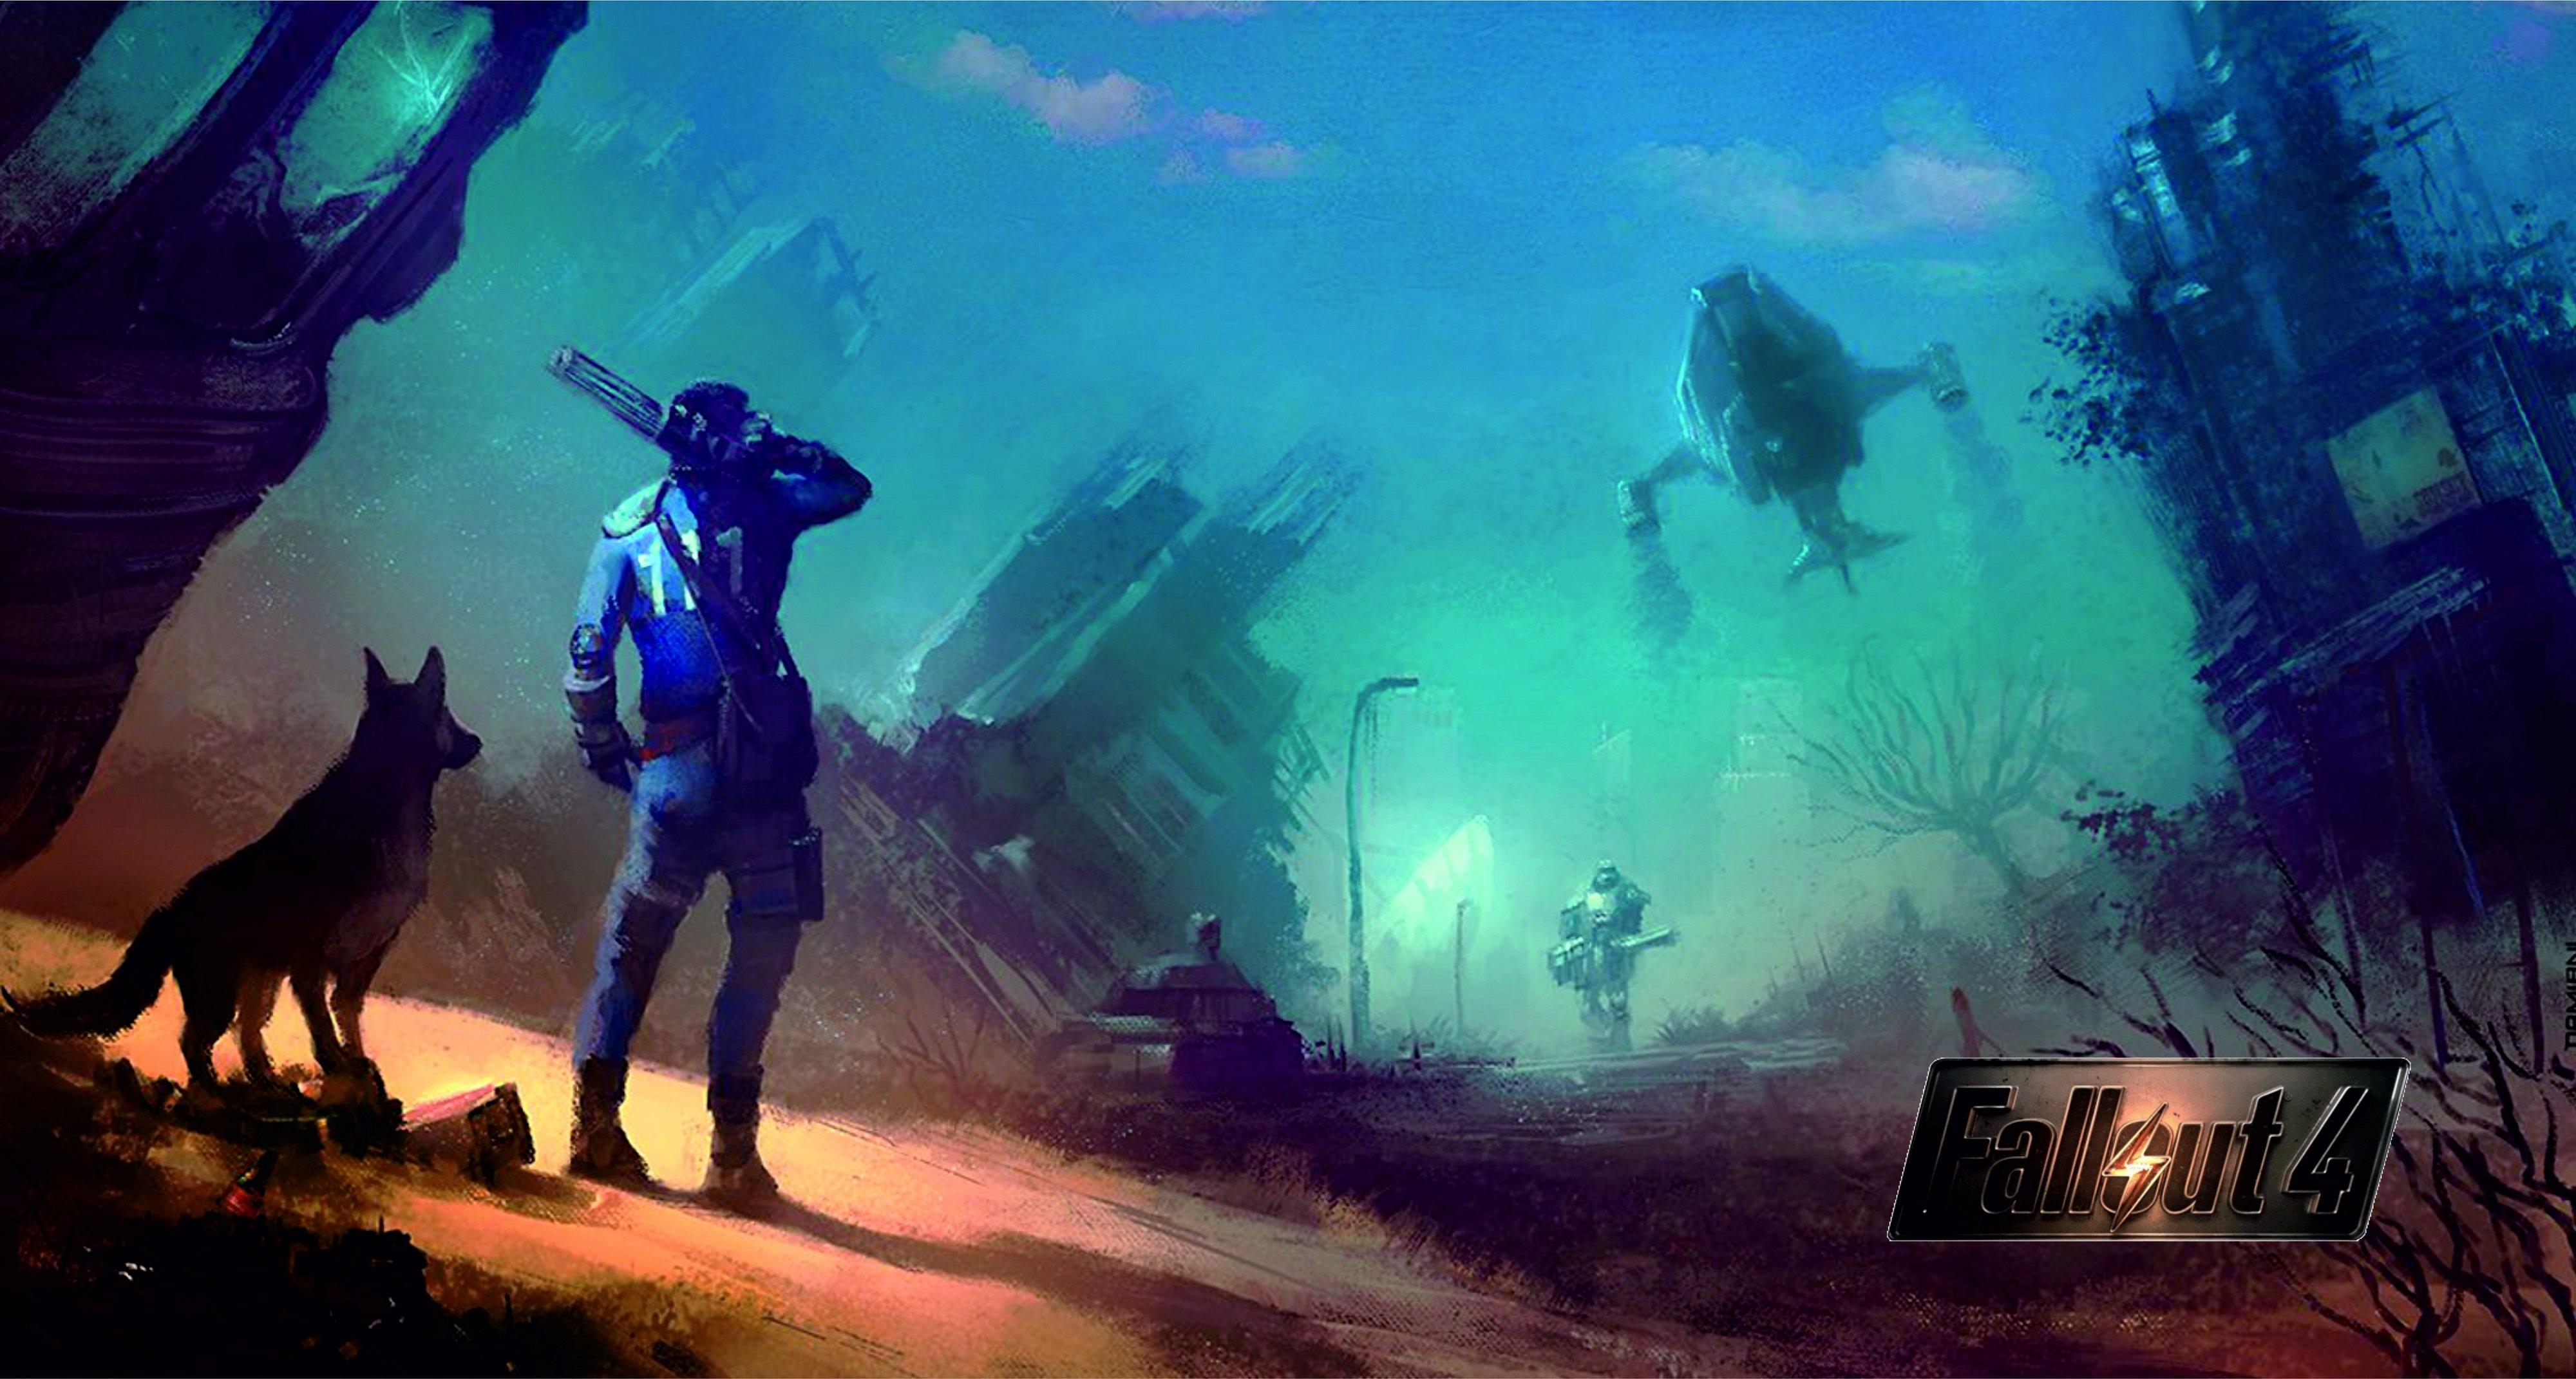 Fallout 4 v 1. 10. 89. 0. 1 + 7 dlc (2015) pc | repack от xatab.